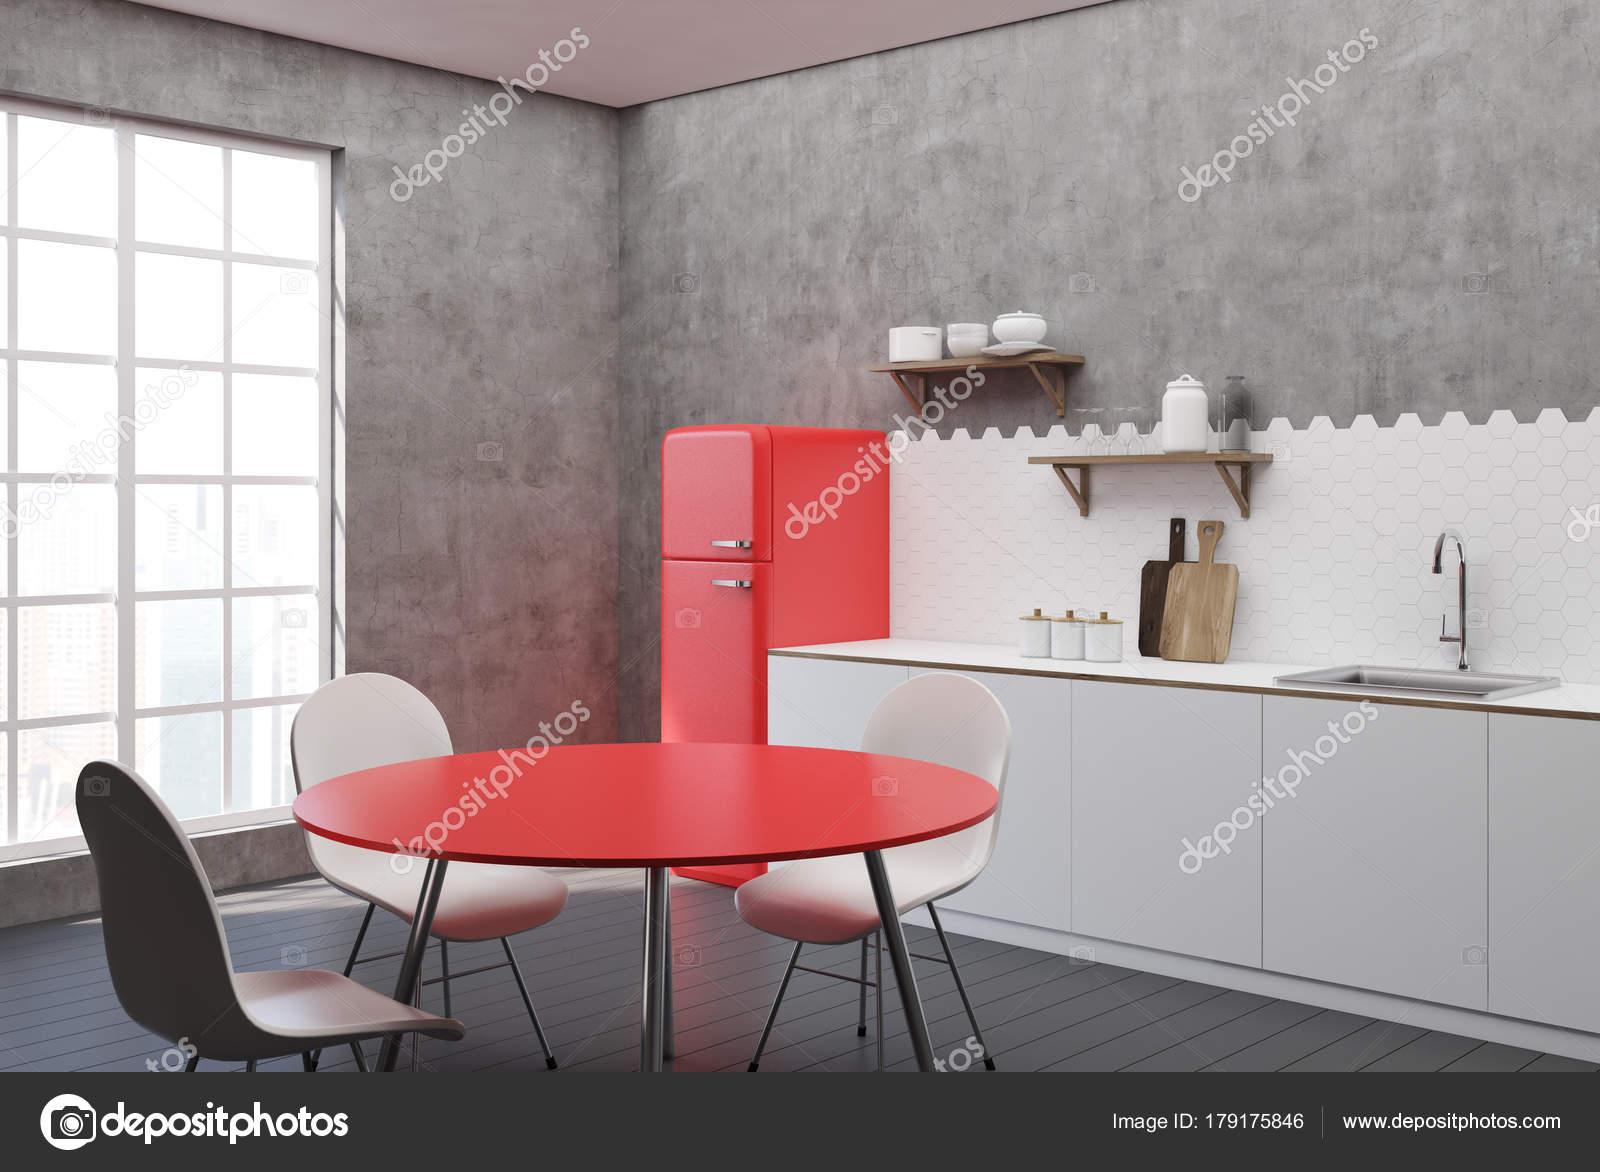 Mesa roja y blanca | Mesa de cocina blanca y concreto, rojo — Foto ...